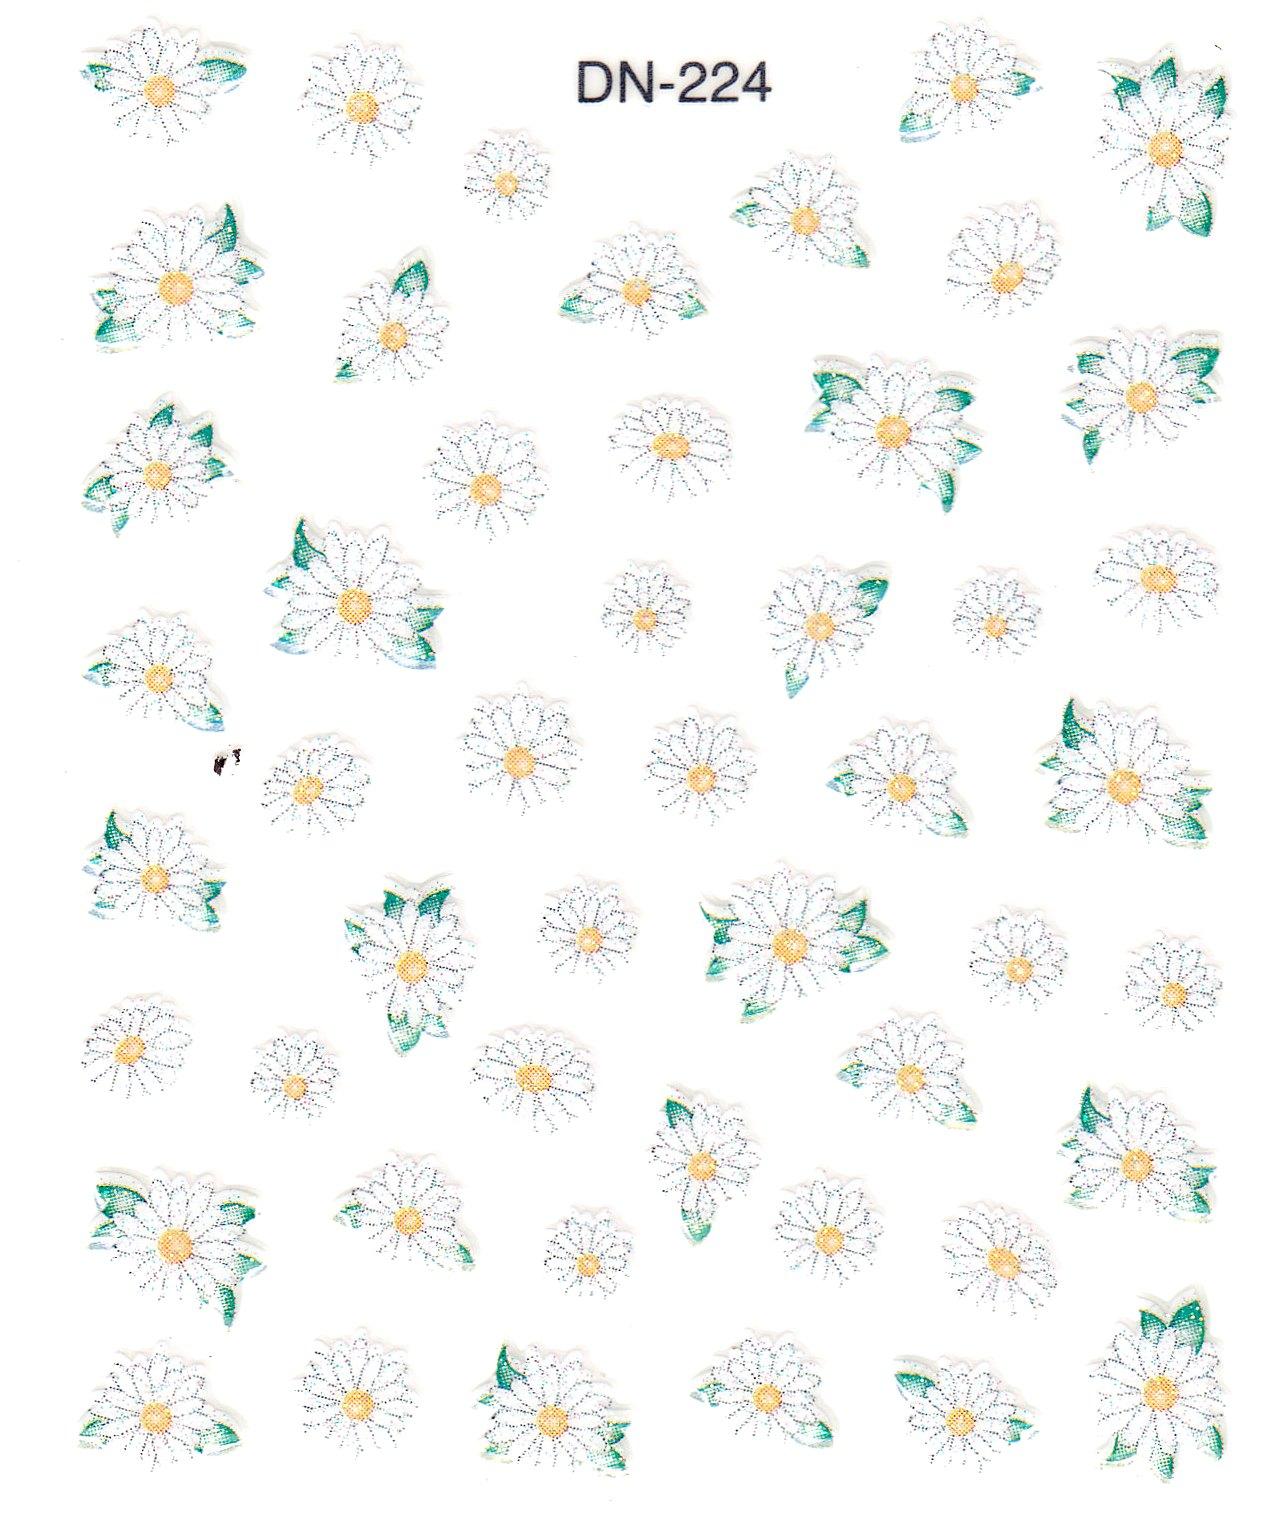 6926c76ff20 Roosa nelk sümboliseerib emadust ja valge nelk puhast armastust. Punast  nelki peeti armurohuks ning sellest sai armastuse, viljakuse ja abielu  sümbol.